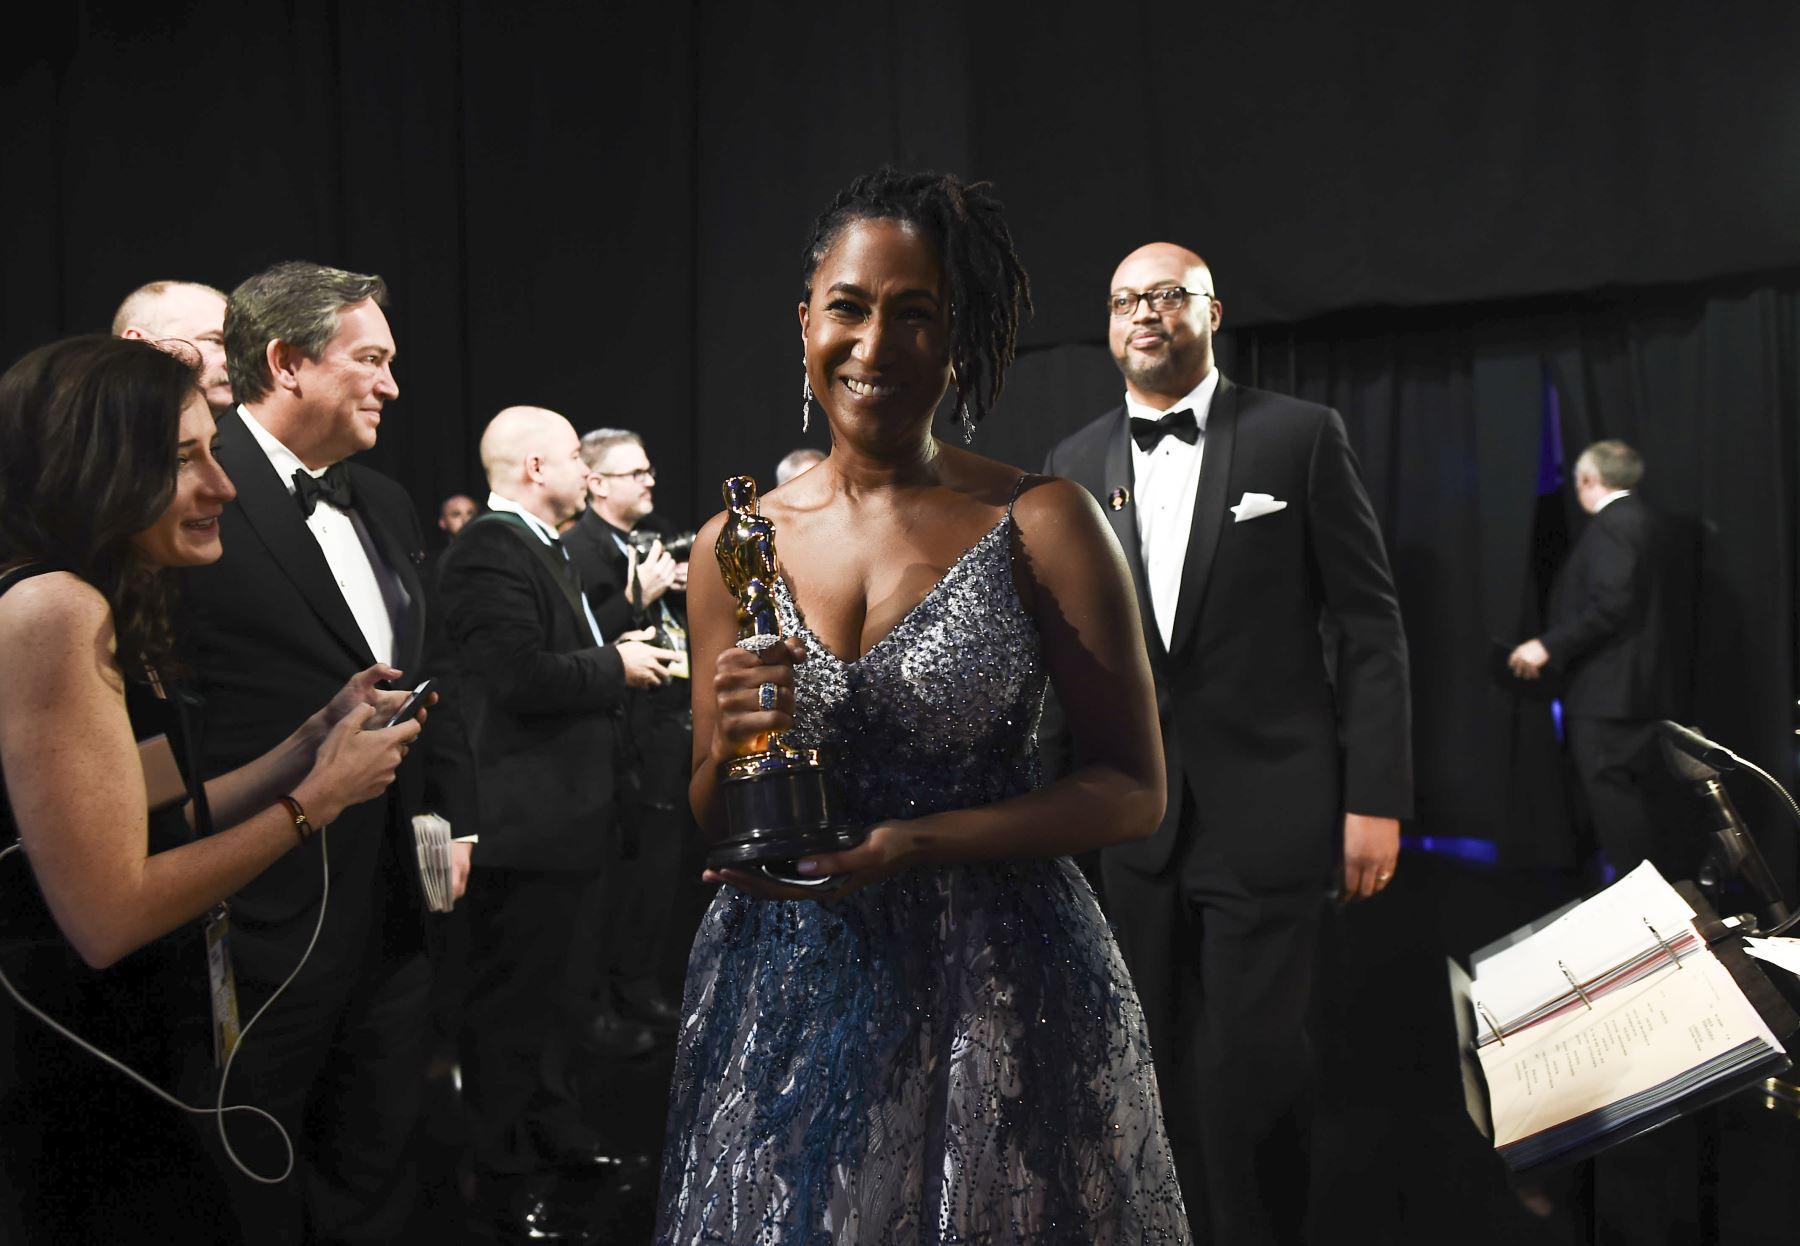 En esta foto proporcionada por A.M.P.A.S., Karen Rupert Toliver camina entre bastidores con el premio al Cortometraje de animación durante los 92o Oscars en el Dolby Theatre de Hollywood, California. Foto: AFP